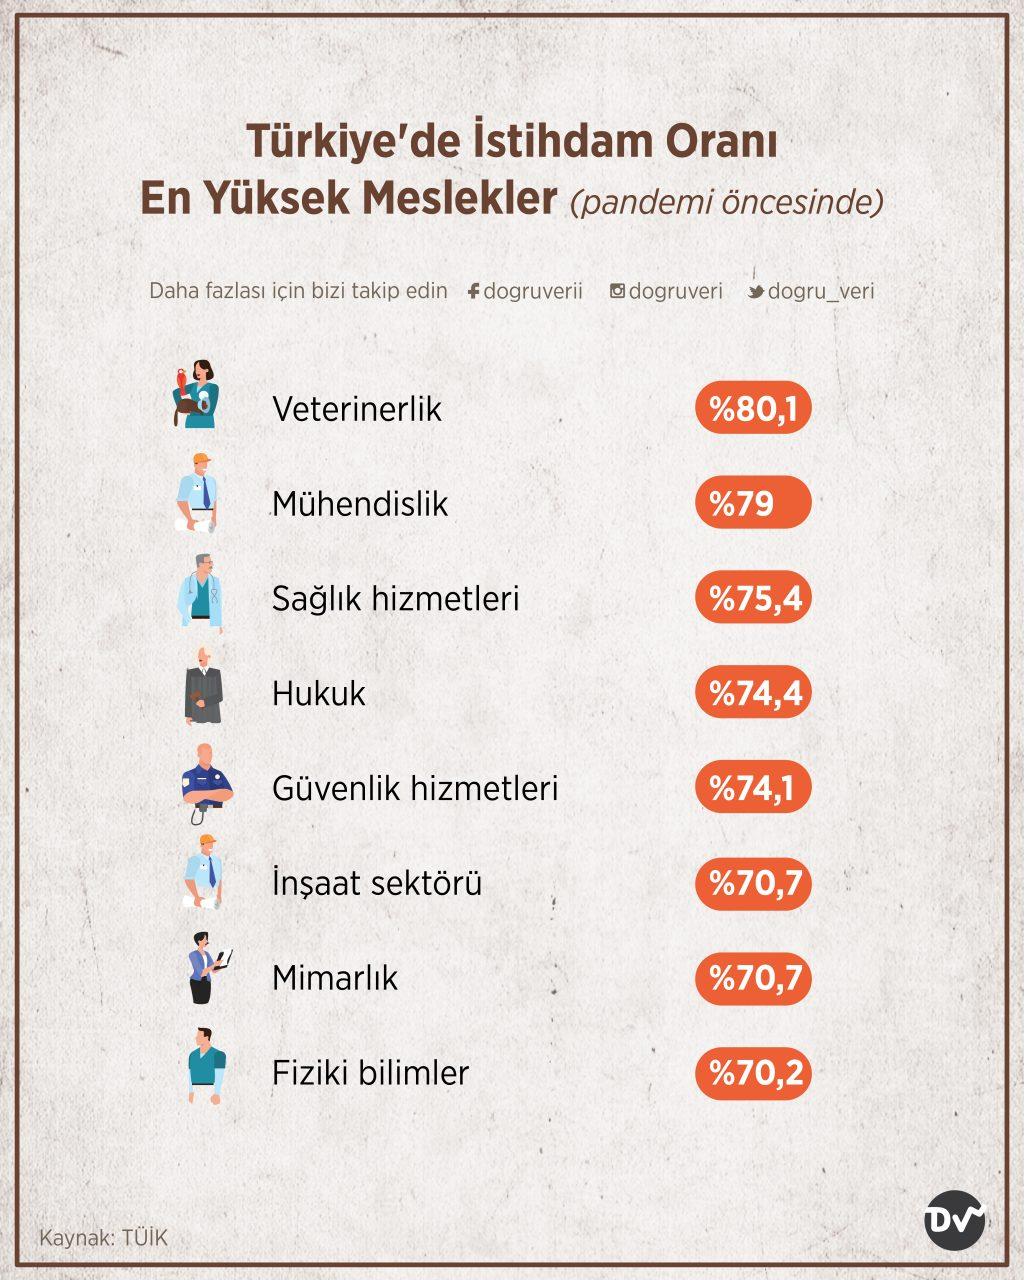 Türkiye'de İstihdam Oranı En Yüksek Meslekler, 2019